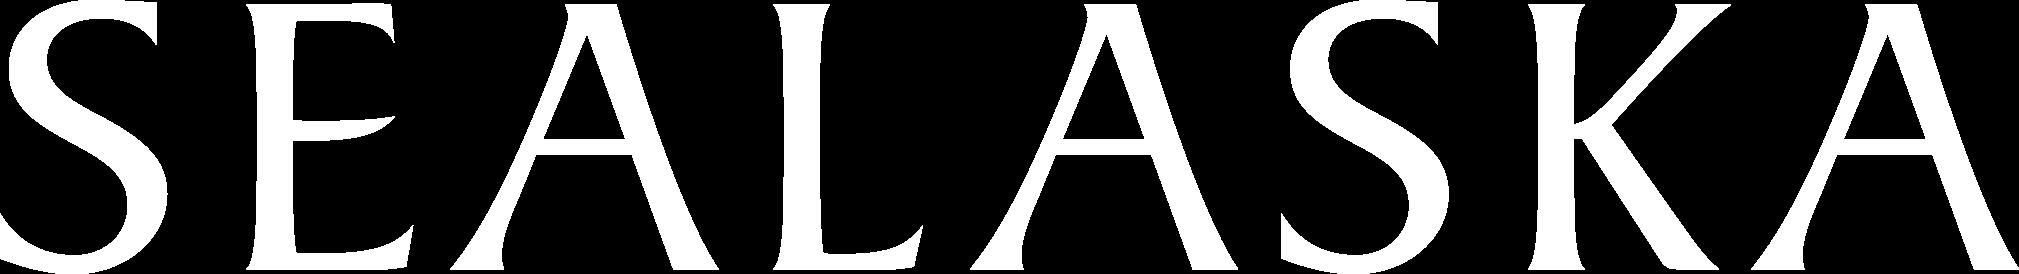 SEALASKA